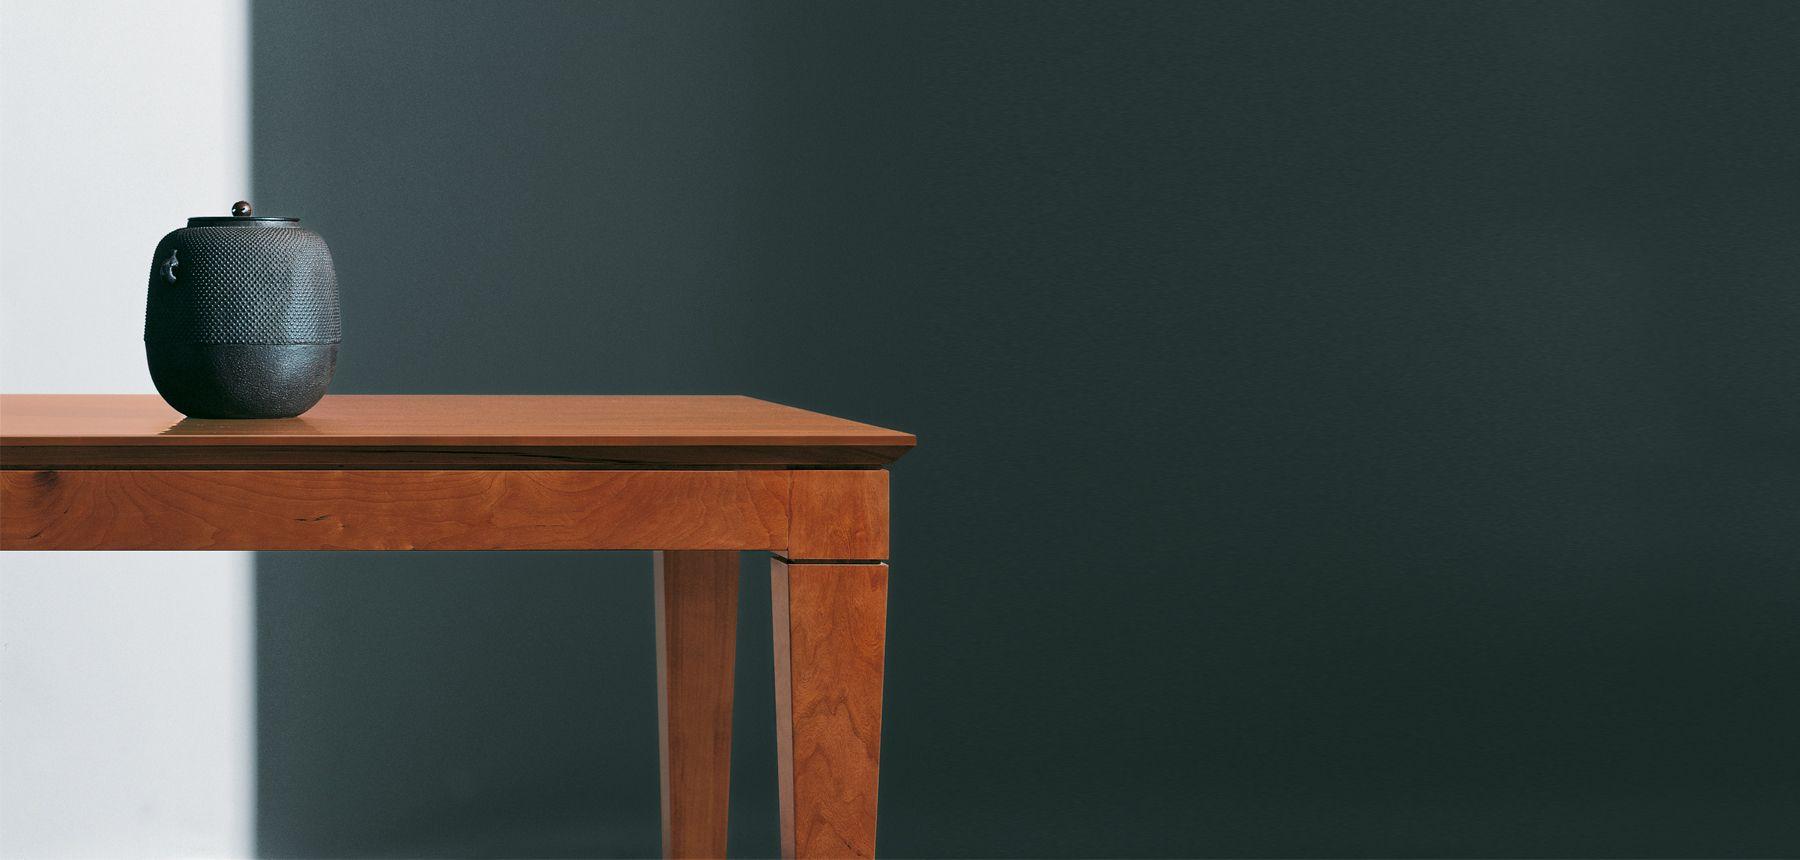 Tische Stuhle Marktex Tisch Stuhle Esstisch